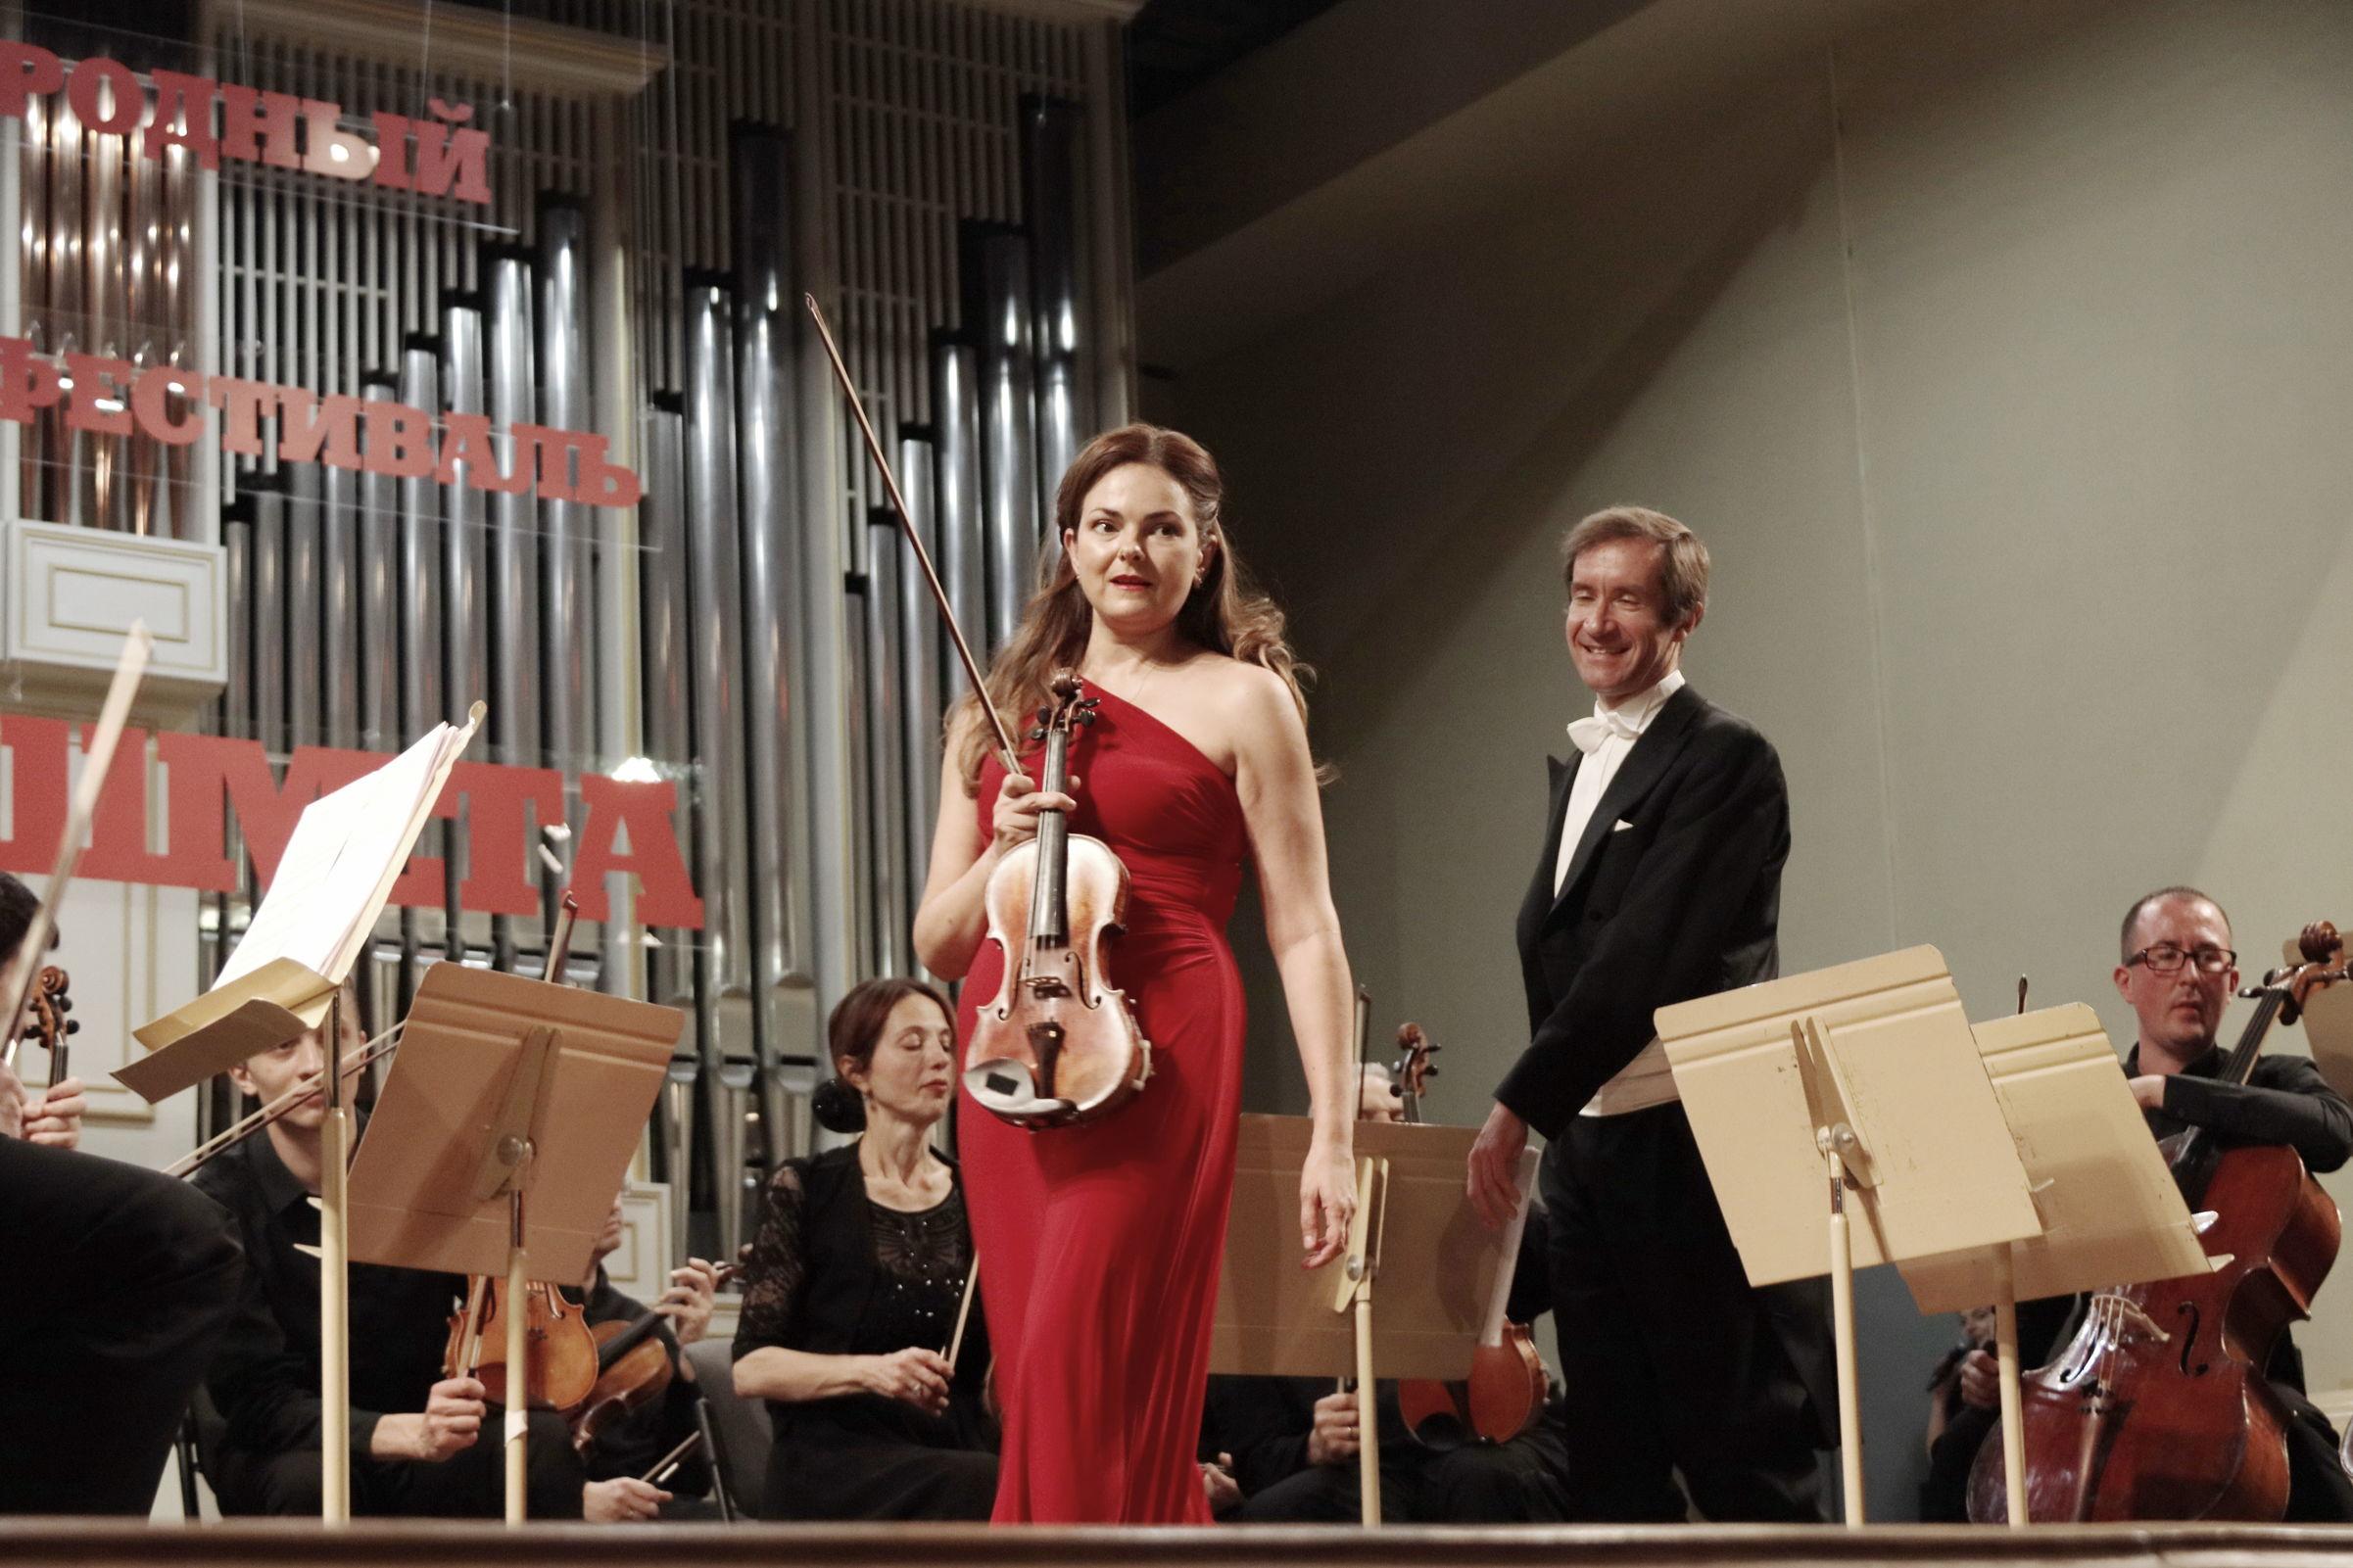 Международный музыкальный фестиваль Юрия Башмета проходит в Ярославской области в 12-й раз